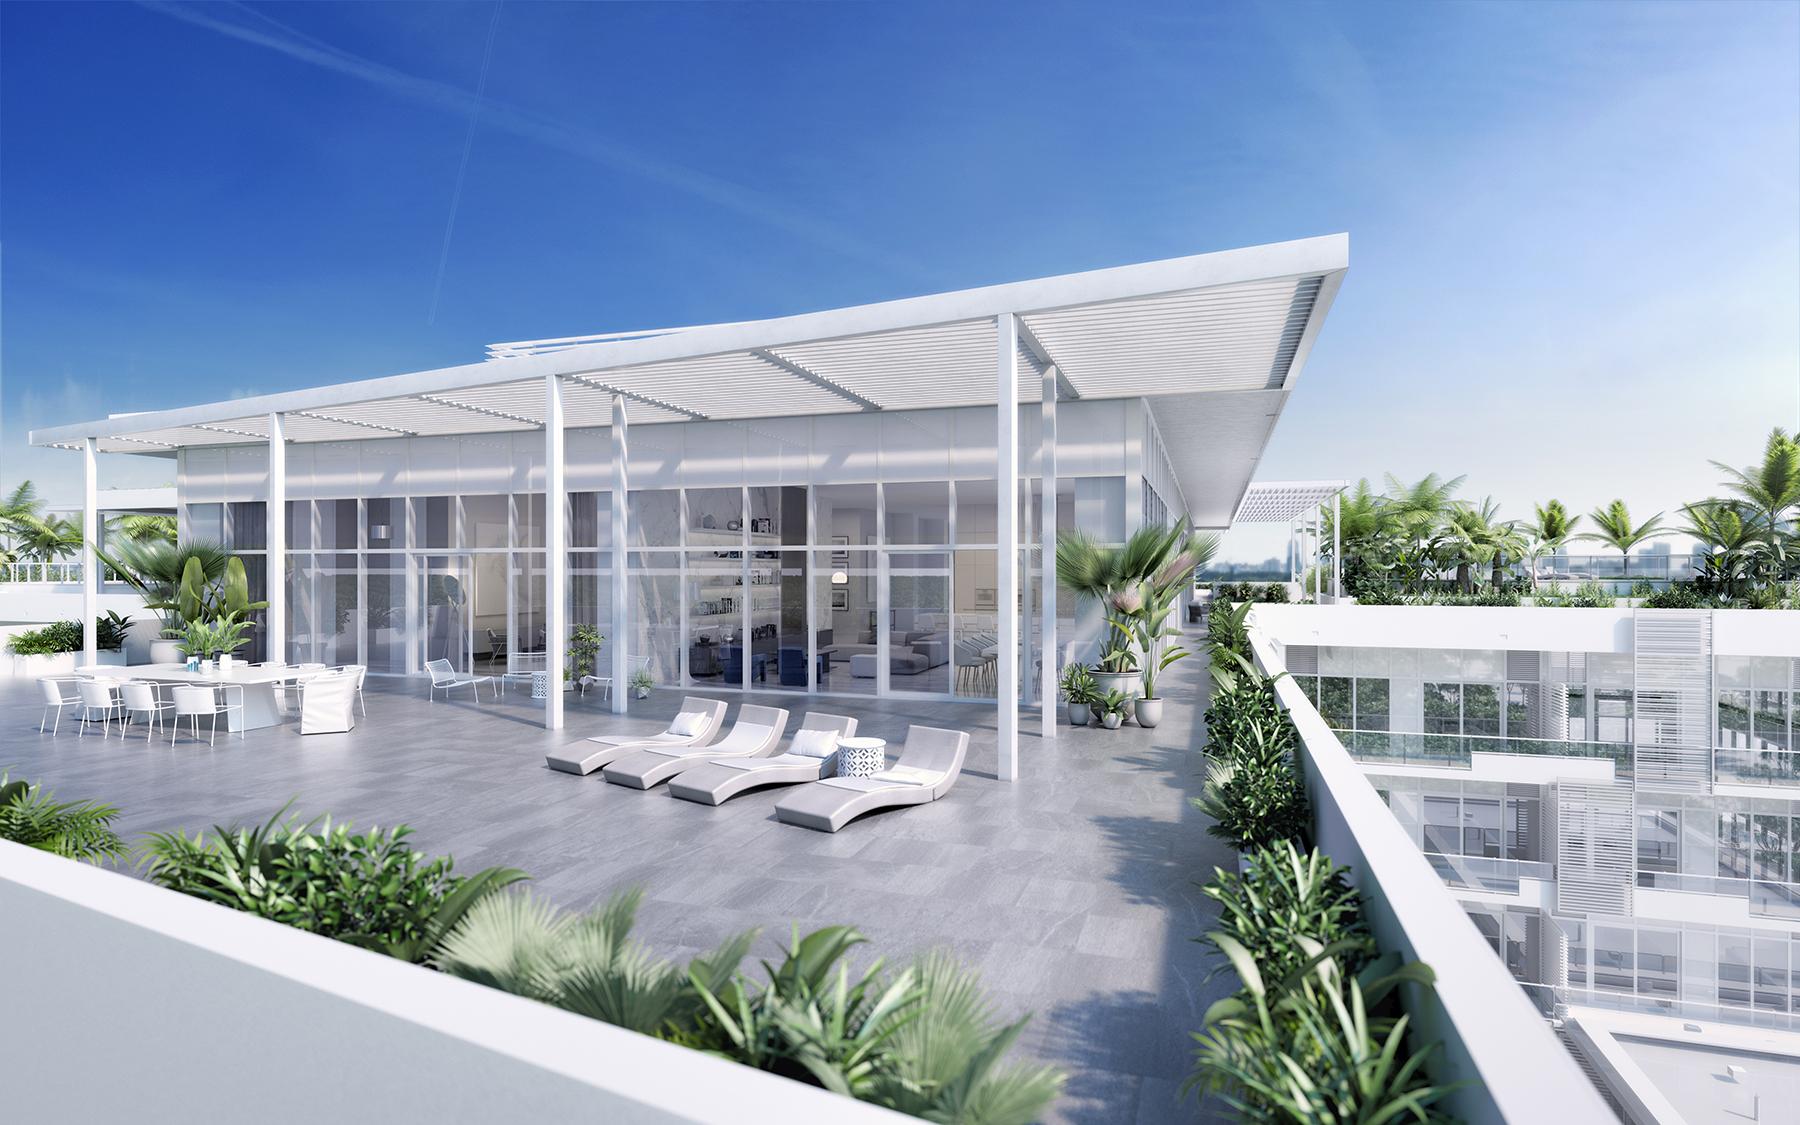 penthouse 12 at The Ritz-Carlton Residences Miami Beach